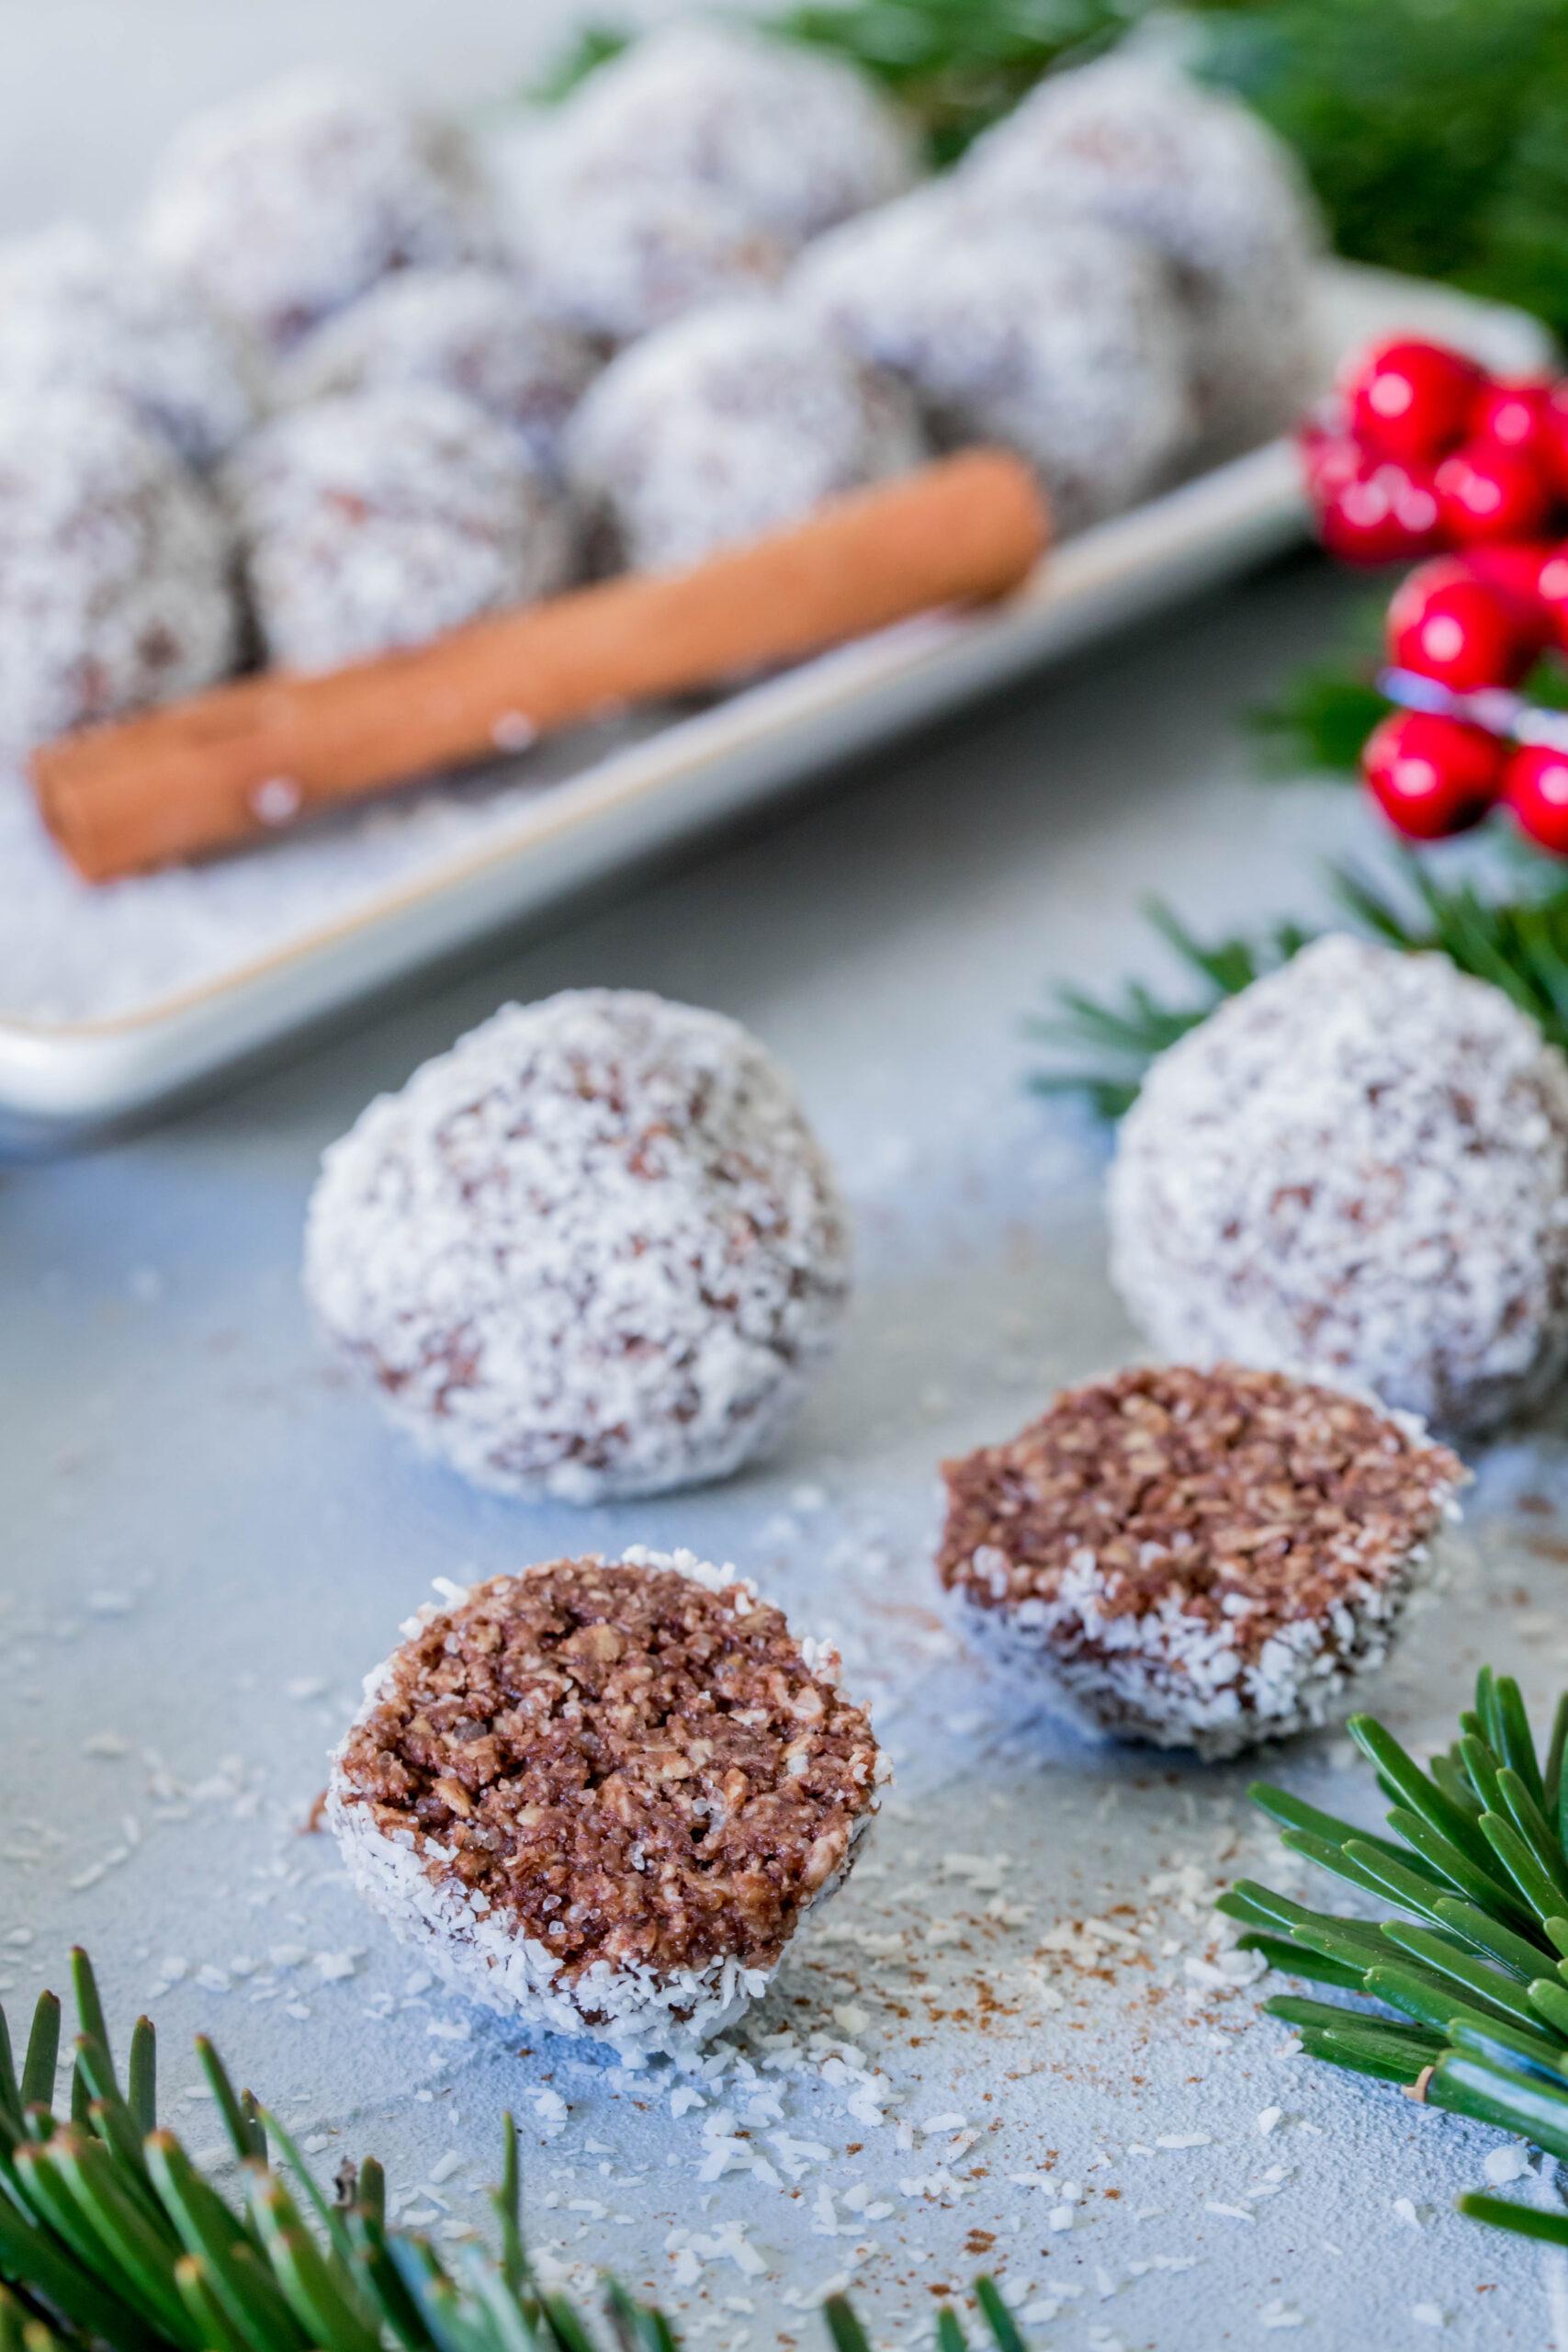 Kakao-Zimt Kugeln mit Kokosflocken: Super schnell zubereitet und richtig lecker.